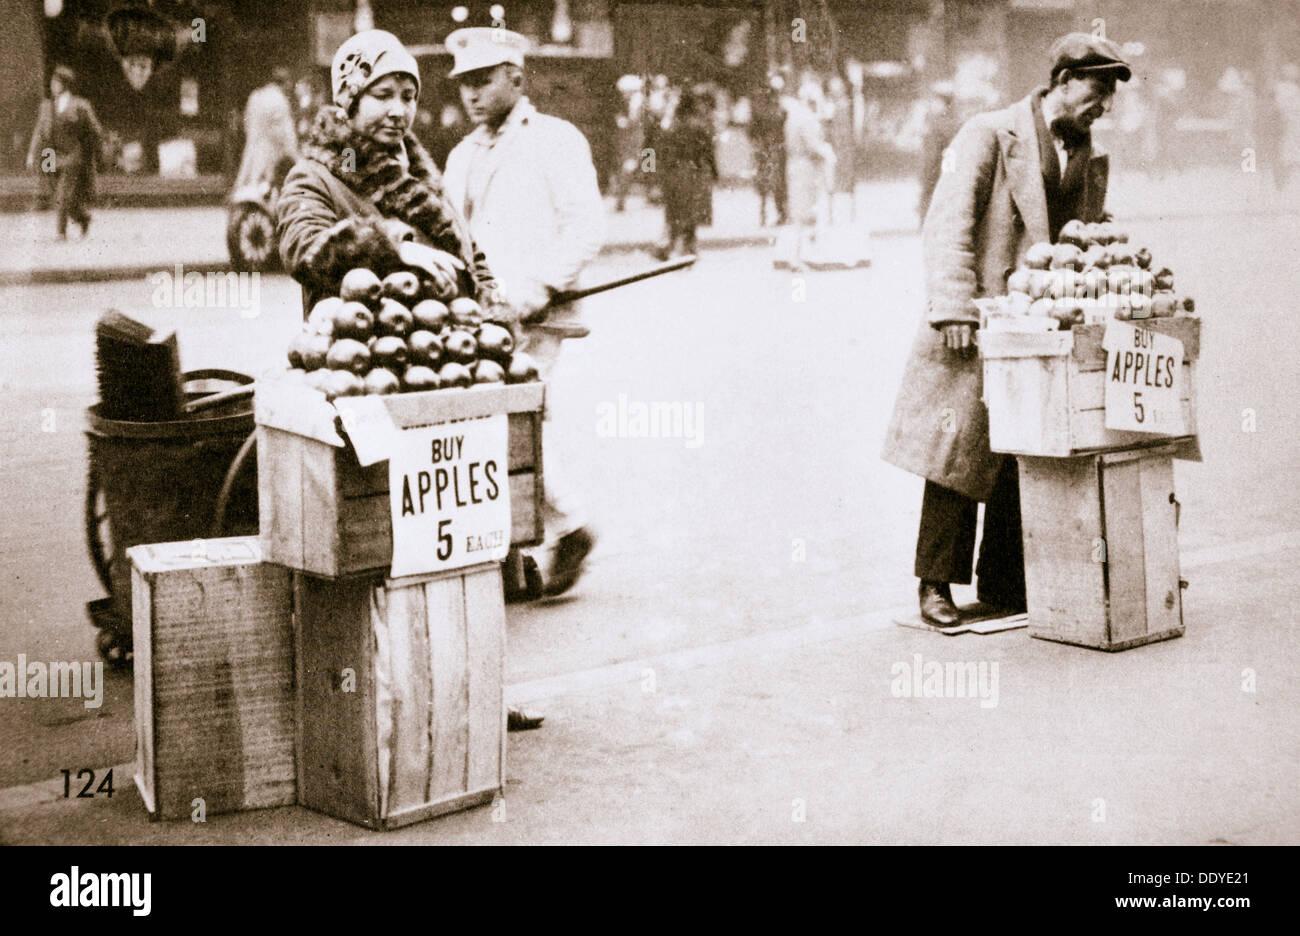 Disoccupati Newyorkesi Vendita di mele sul marciapiede, Grande Depressione, New York, USA, 1930. Artista: sconosciuto Immagini Stock